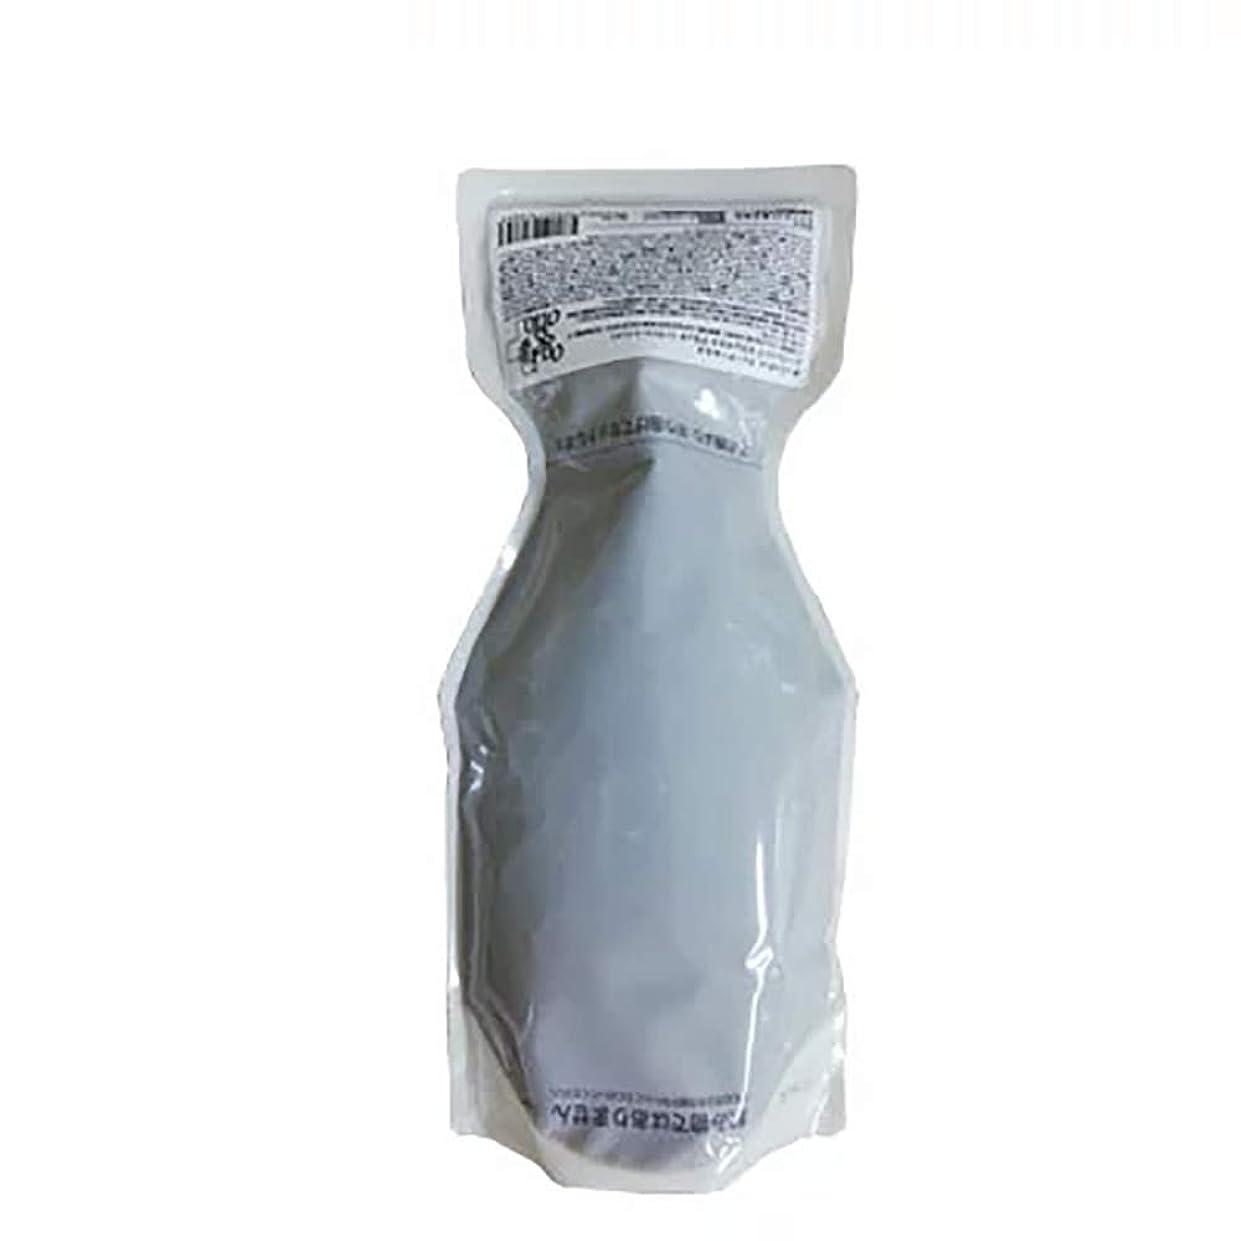 オッジィオット ディーアールエス インプレッシブ セラムマスク ブラック 700g